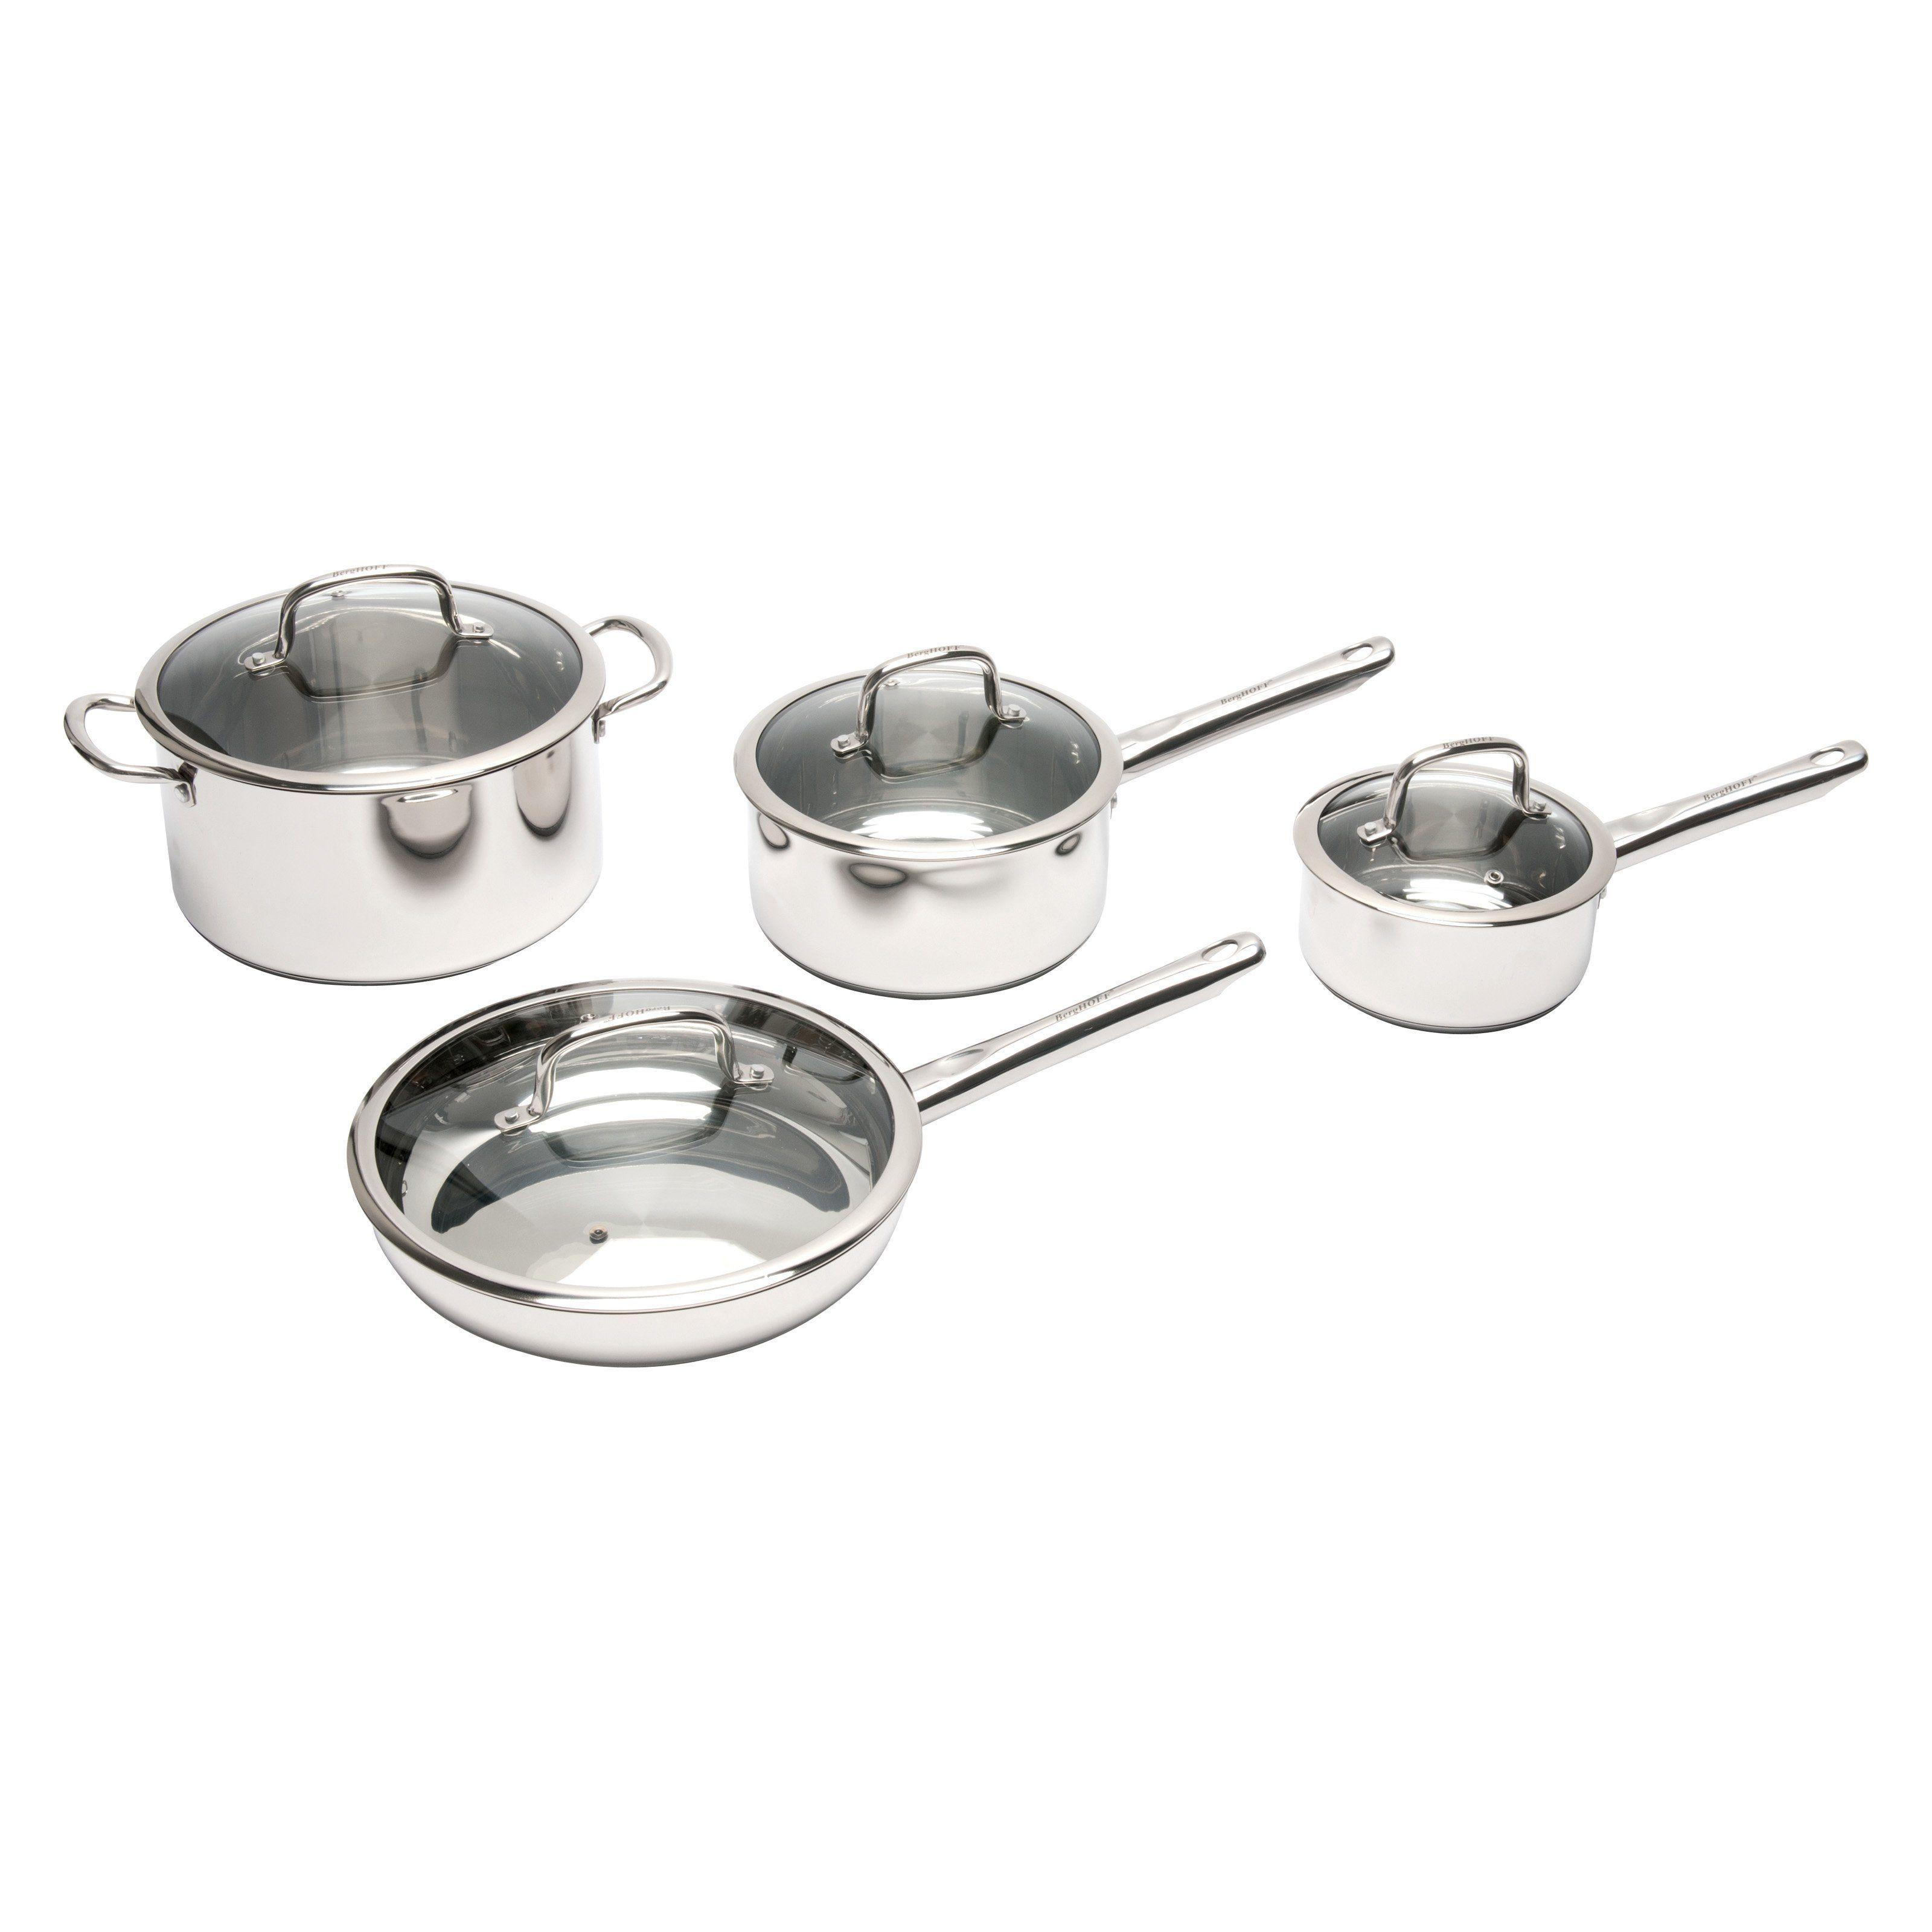 Großartig Boreal Haus Beste Wahl Berghoff 8 Piece Stainless Steel Cookware Set